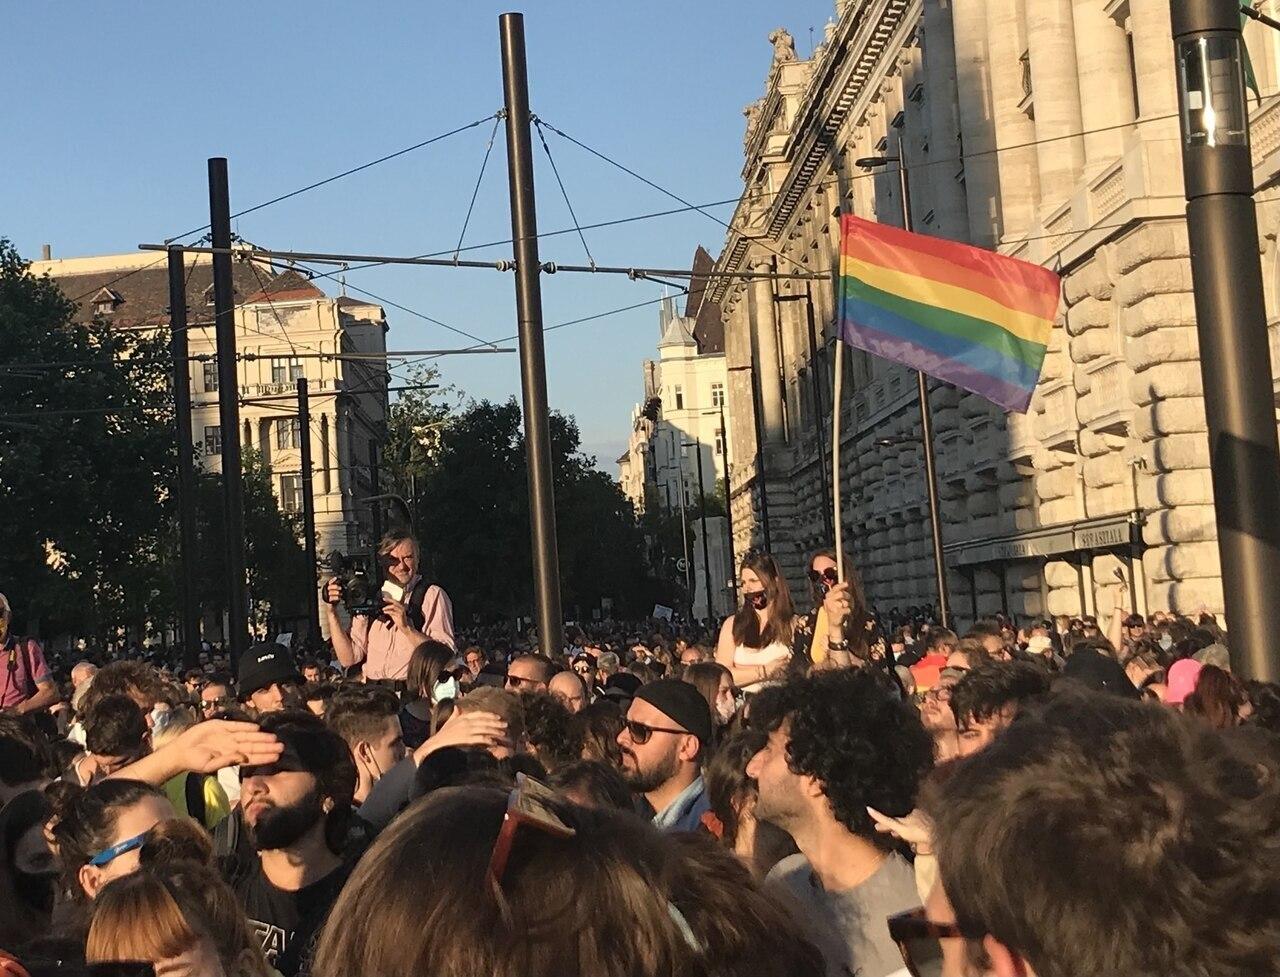 pride-demonstration-people-rainbow